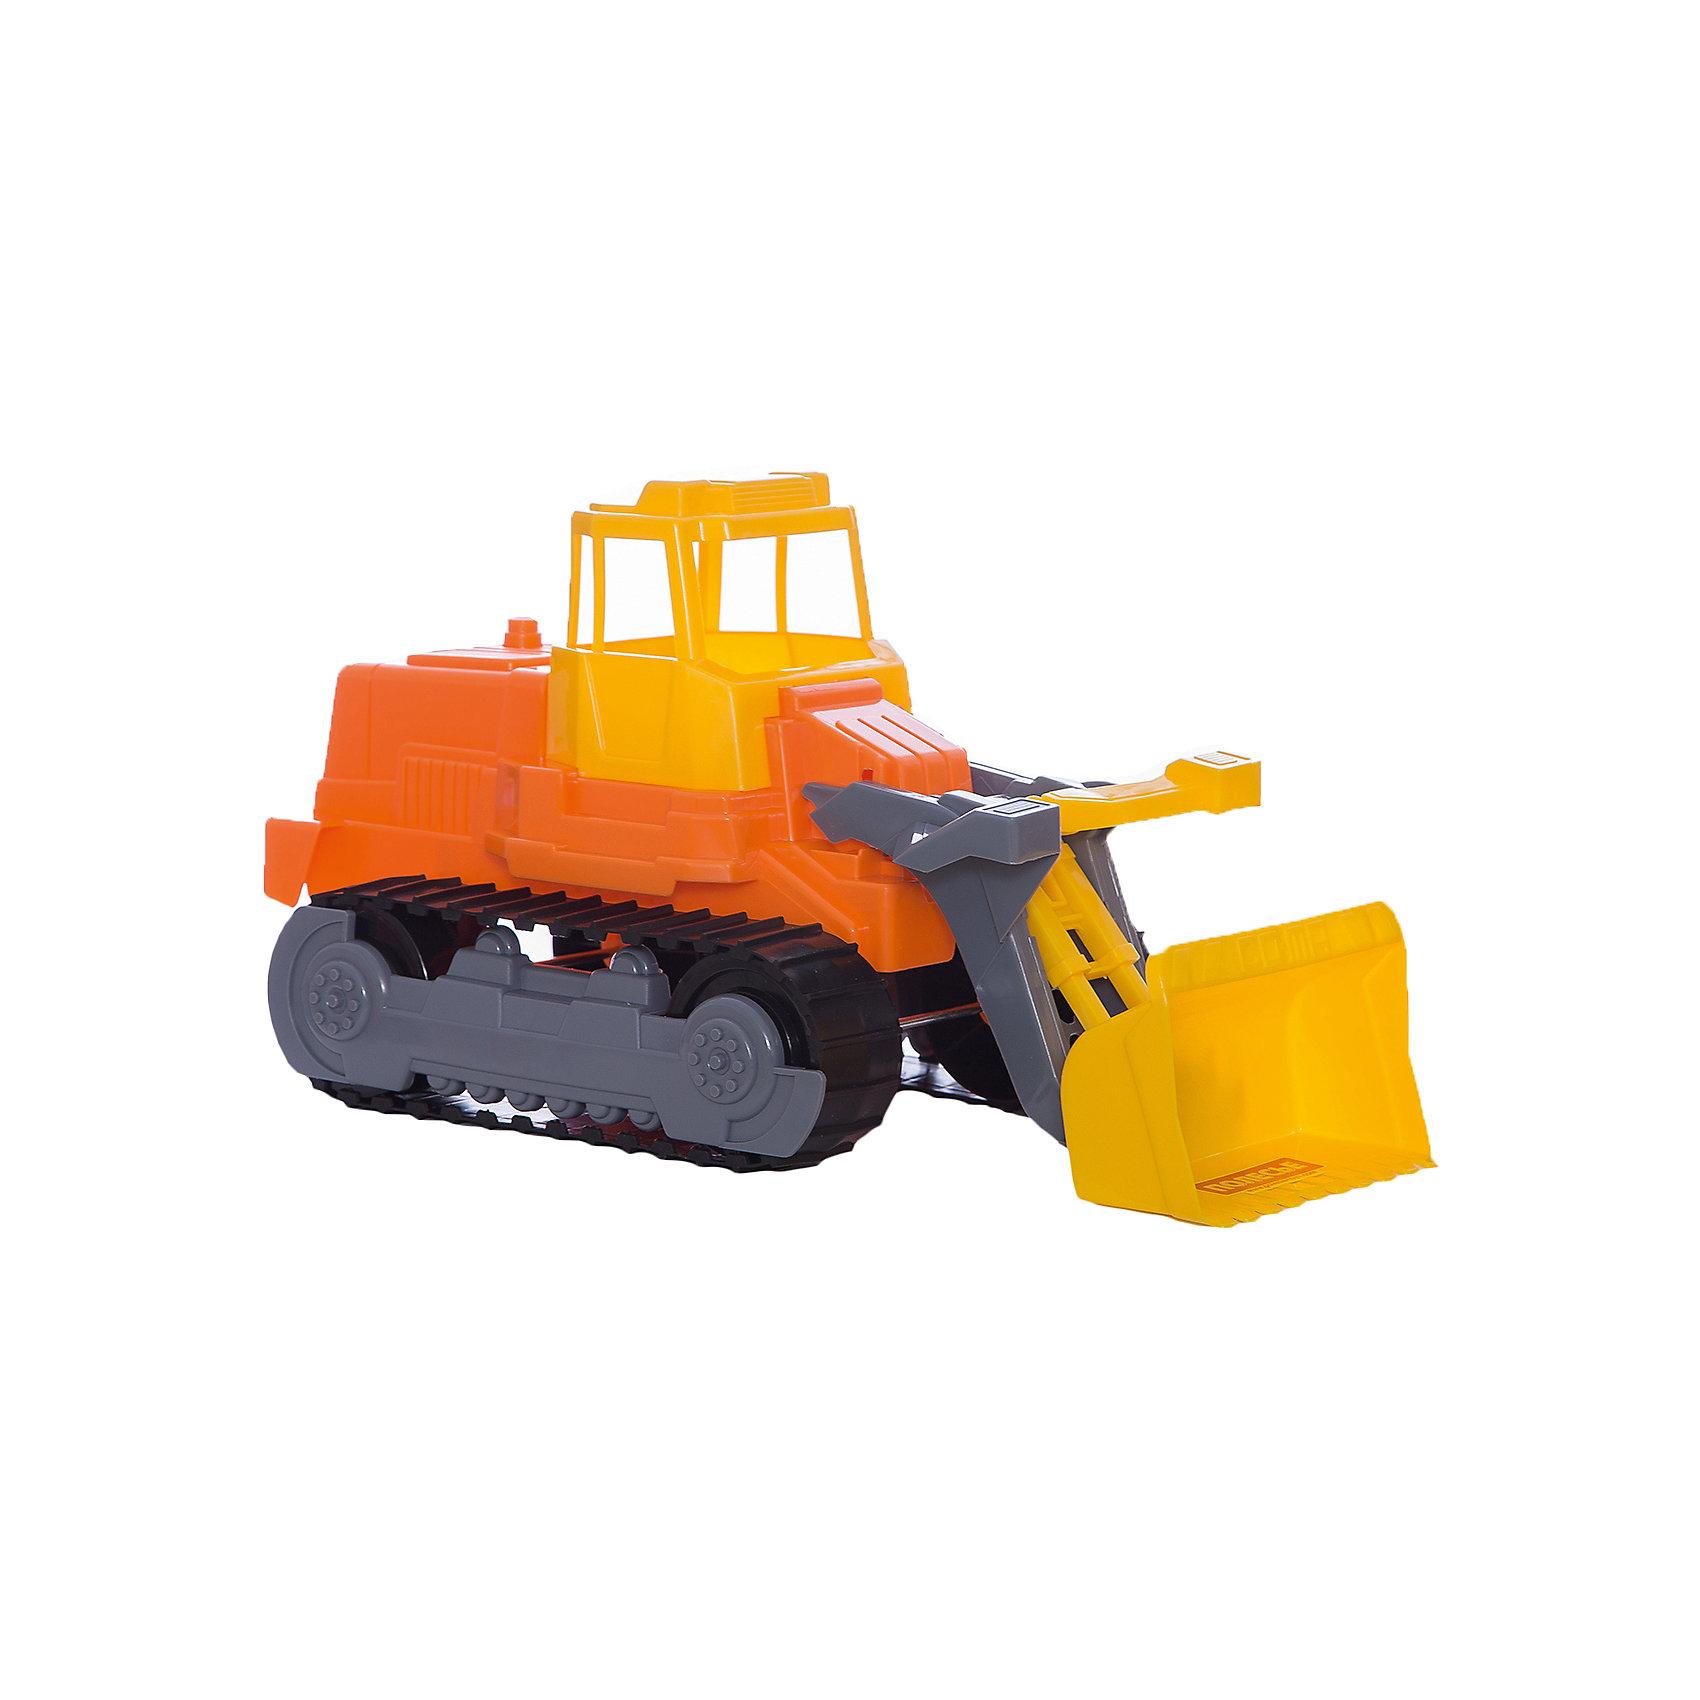 Гусеничный трактор-погрузчик, ПолесьеМашинки<br>Характеристики товара:<br><br>• возраст: от 3 лет<br>• материал: пластик<br>• размер упаковки: 43х22х23,5 см.<br>• страна бренда: Беларусь.<br><br>Благодаря этому гусеничному трактору-погрузчику с подвижным ковшом можно набирать в ковш небольшие предметы. Гусеничный механизм выглядит совсем как настоящий. <br><br>Дизайн игрушки соответствует реальной машине. Игрушка создается по лицензии итальянской фирмы Cavallino Giocattoli, Srl.<br><br>Внимание! Цвет в ассортименте.<br><br>Гусеничный трактор-погрузчик, Полесье можно купить в нашем интернет-магазине.<br><br>Ширина мм: 440<br>Глубина мм: 220<br>Высота мм: 230<br>Вес г: 633<br>Возраст от месяцев: 36<br>Возраст до месяцев: 2147483647<br>Пол: Мужской<br>Возраст: Детский<br>SKU: 6760754